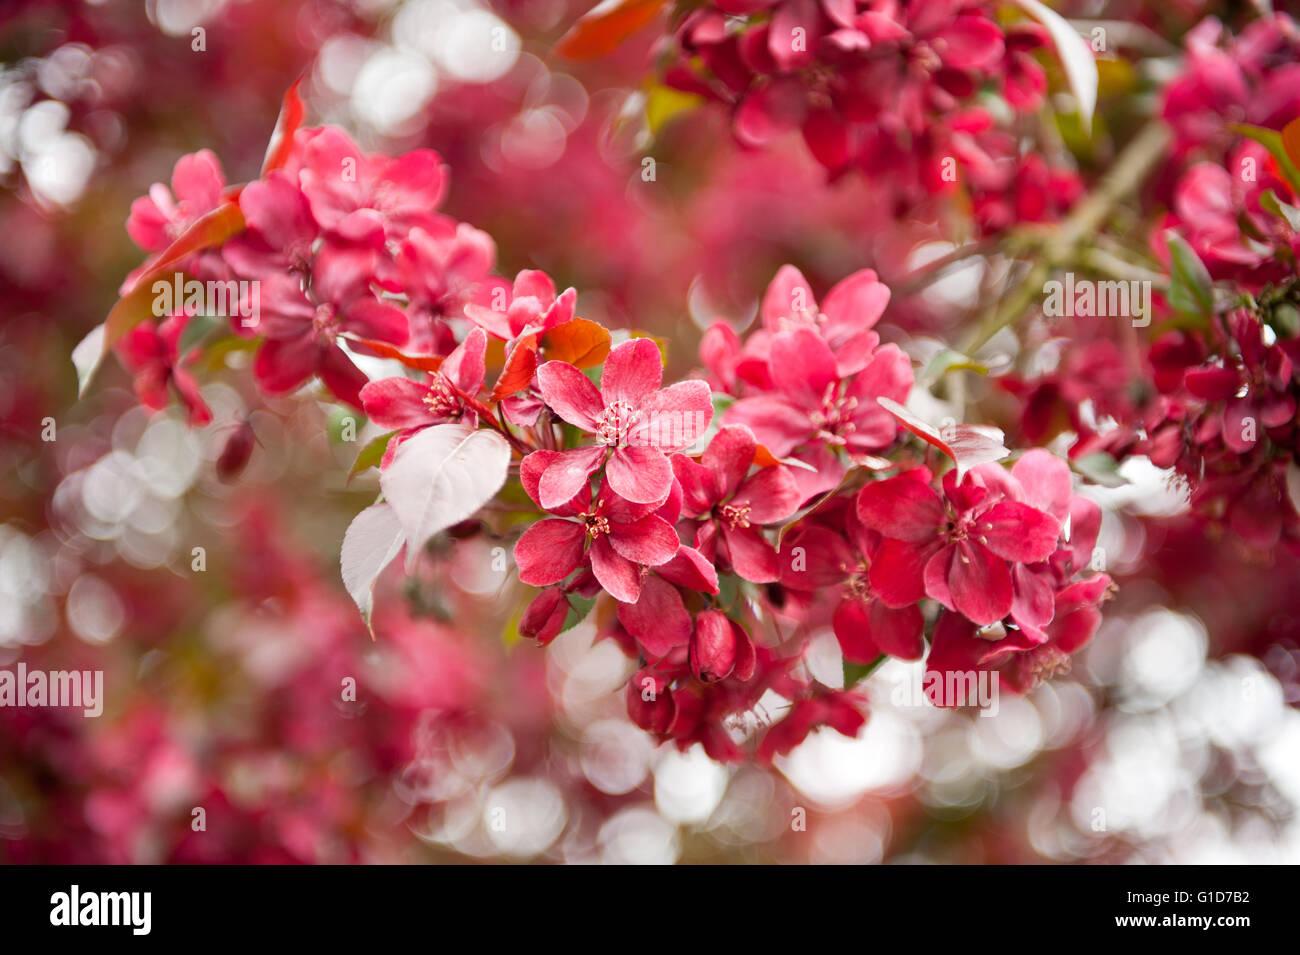 Red Crab Apple Tree Macro Malus Royalty Flowering In Spring Season